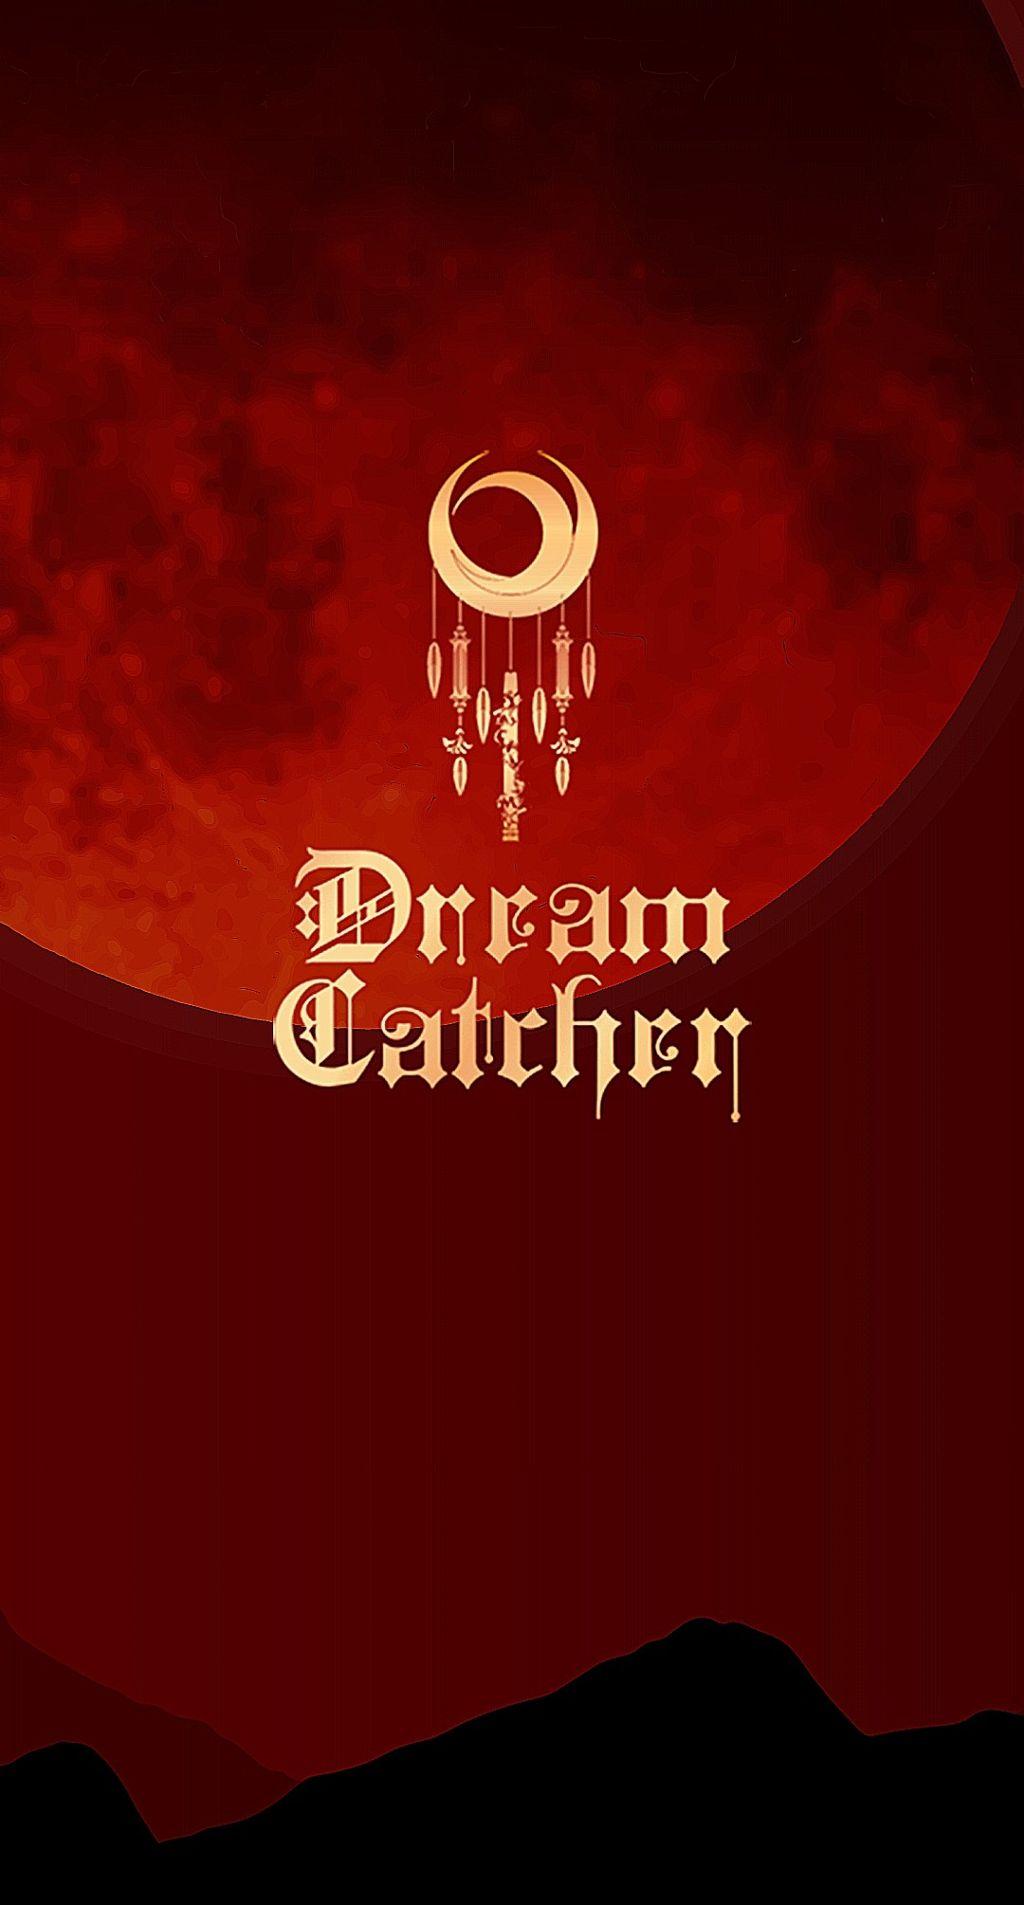 #freetoedit #red #kpop #dreamcatcherkpop #Halloween  #witch #moon #walllpaper #aesthetic #redaesthetic